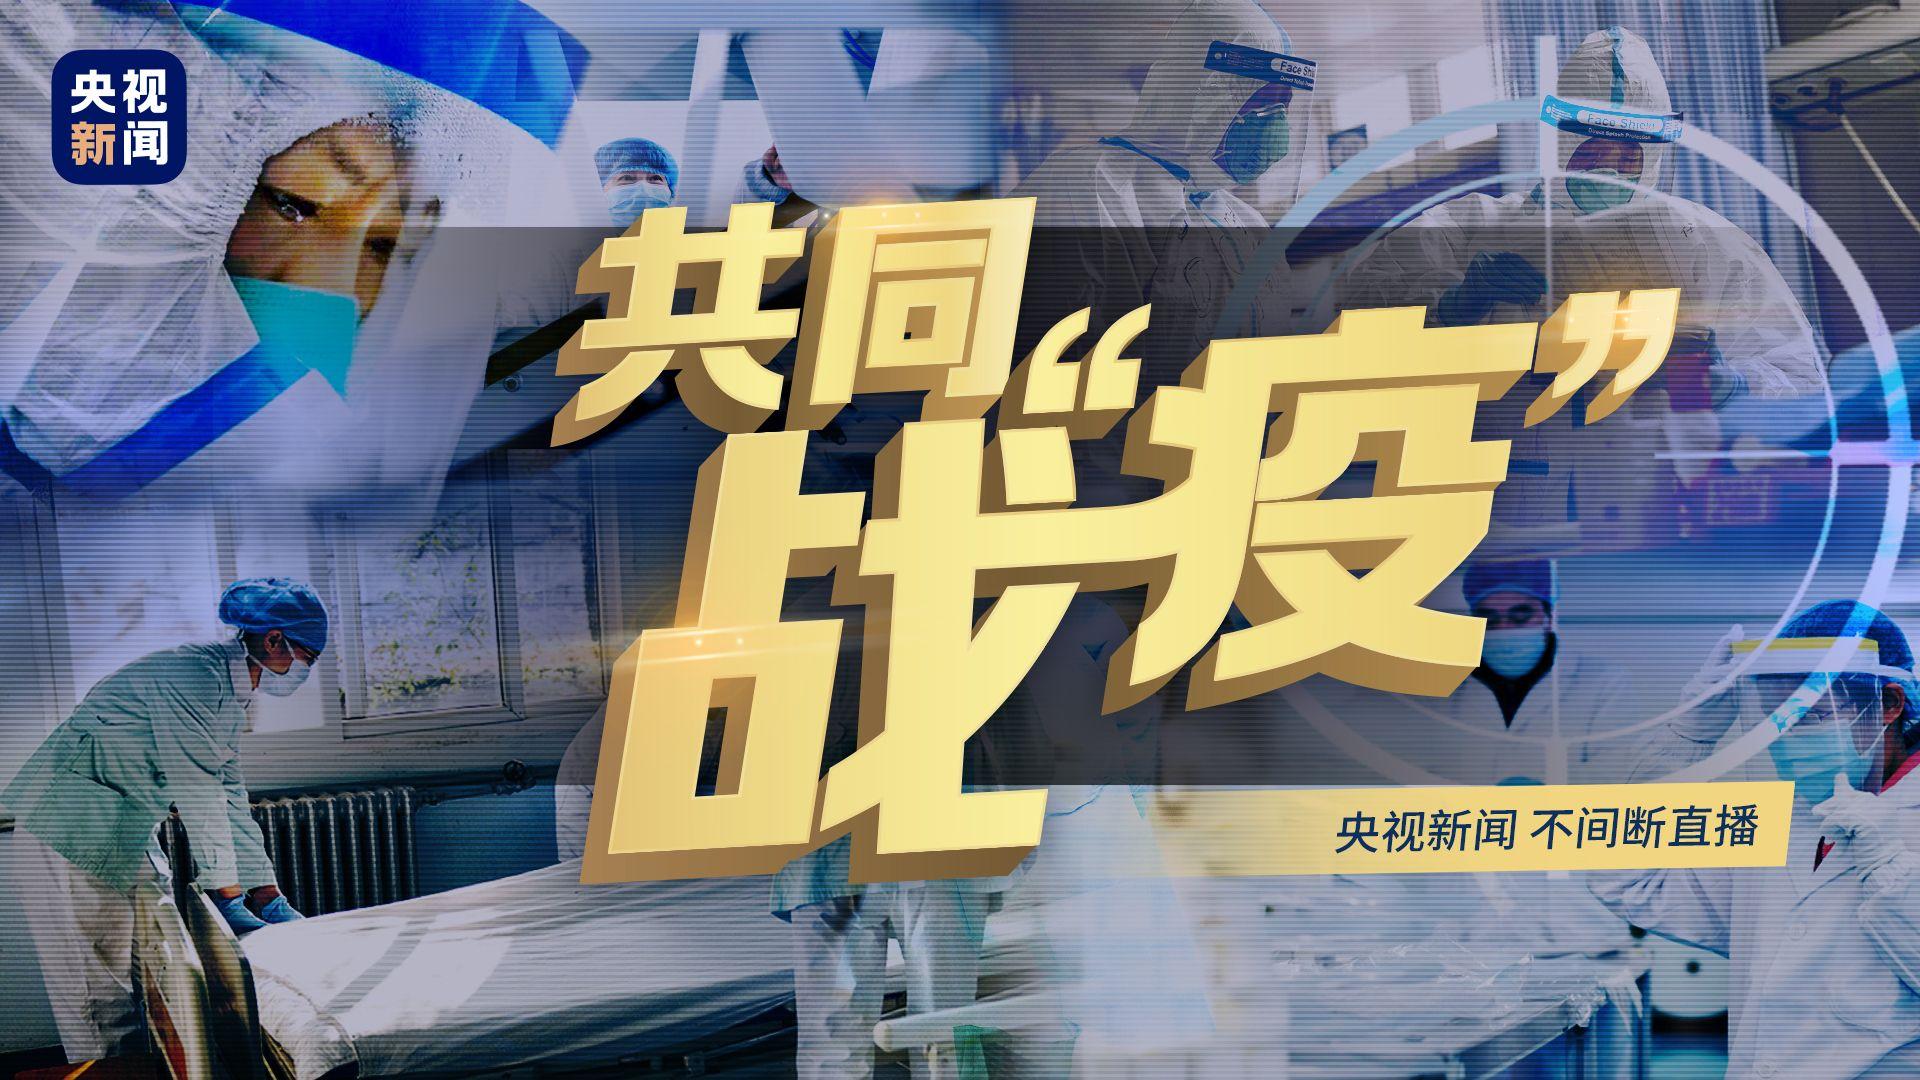 【直播】湖北省新闻发布会 介绍疫情防控最新进展